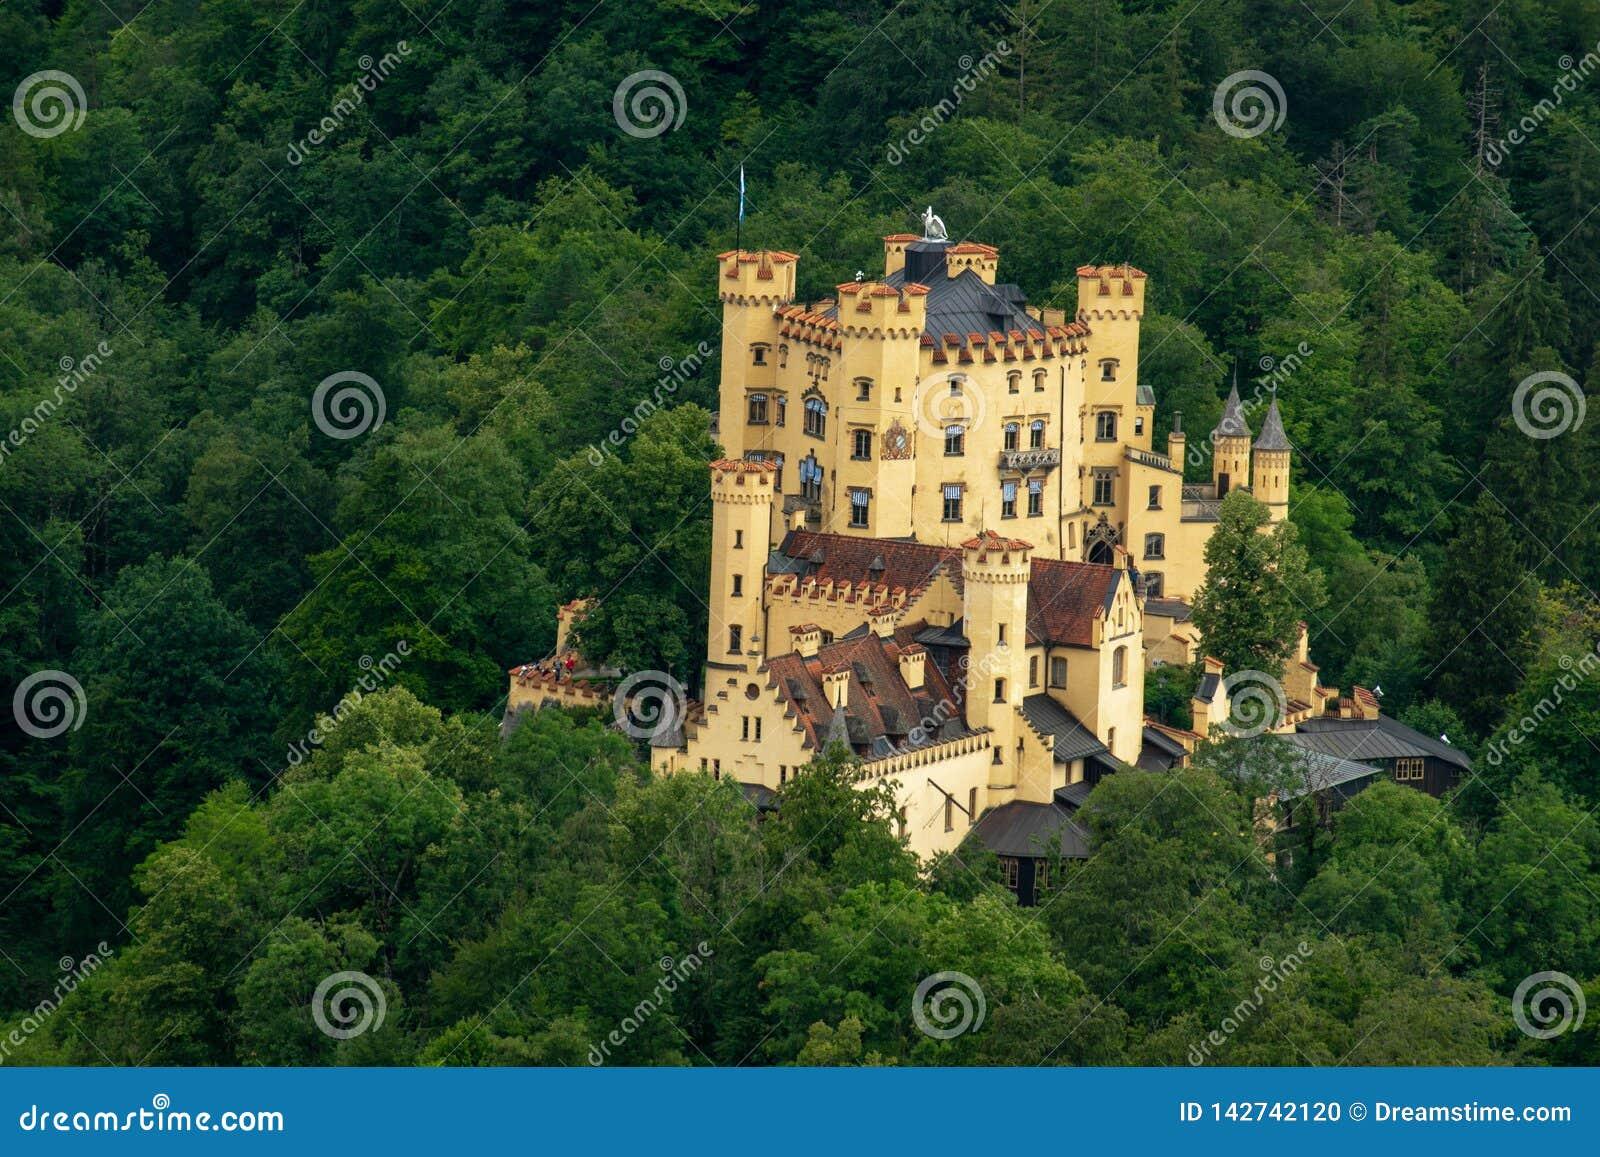 Château au milieu d une forêt en Allemagne